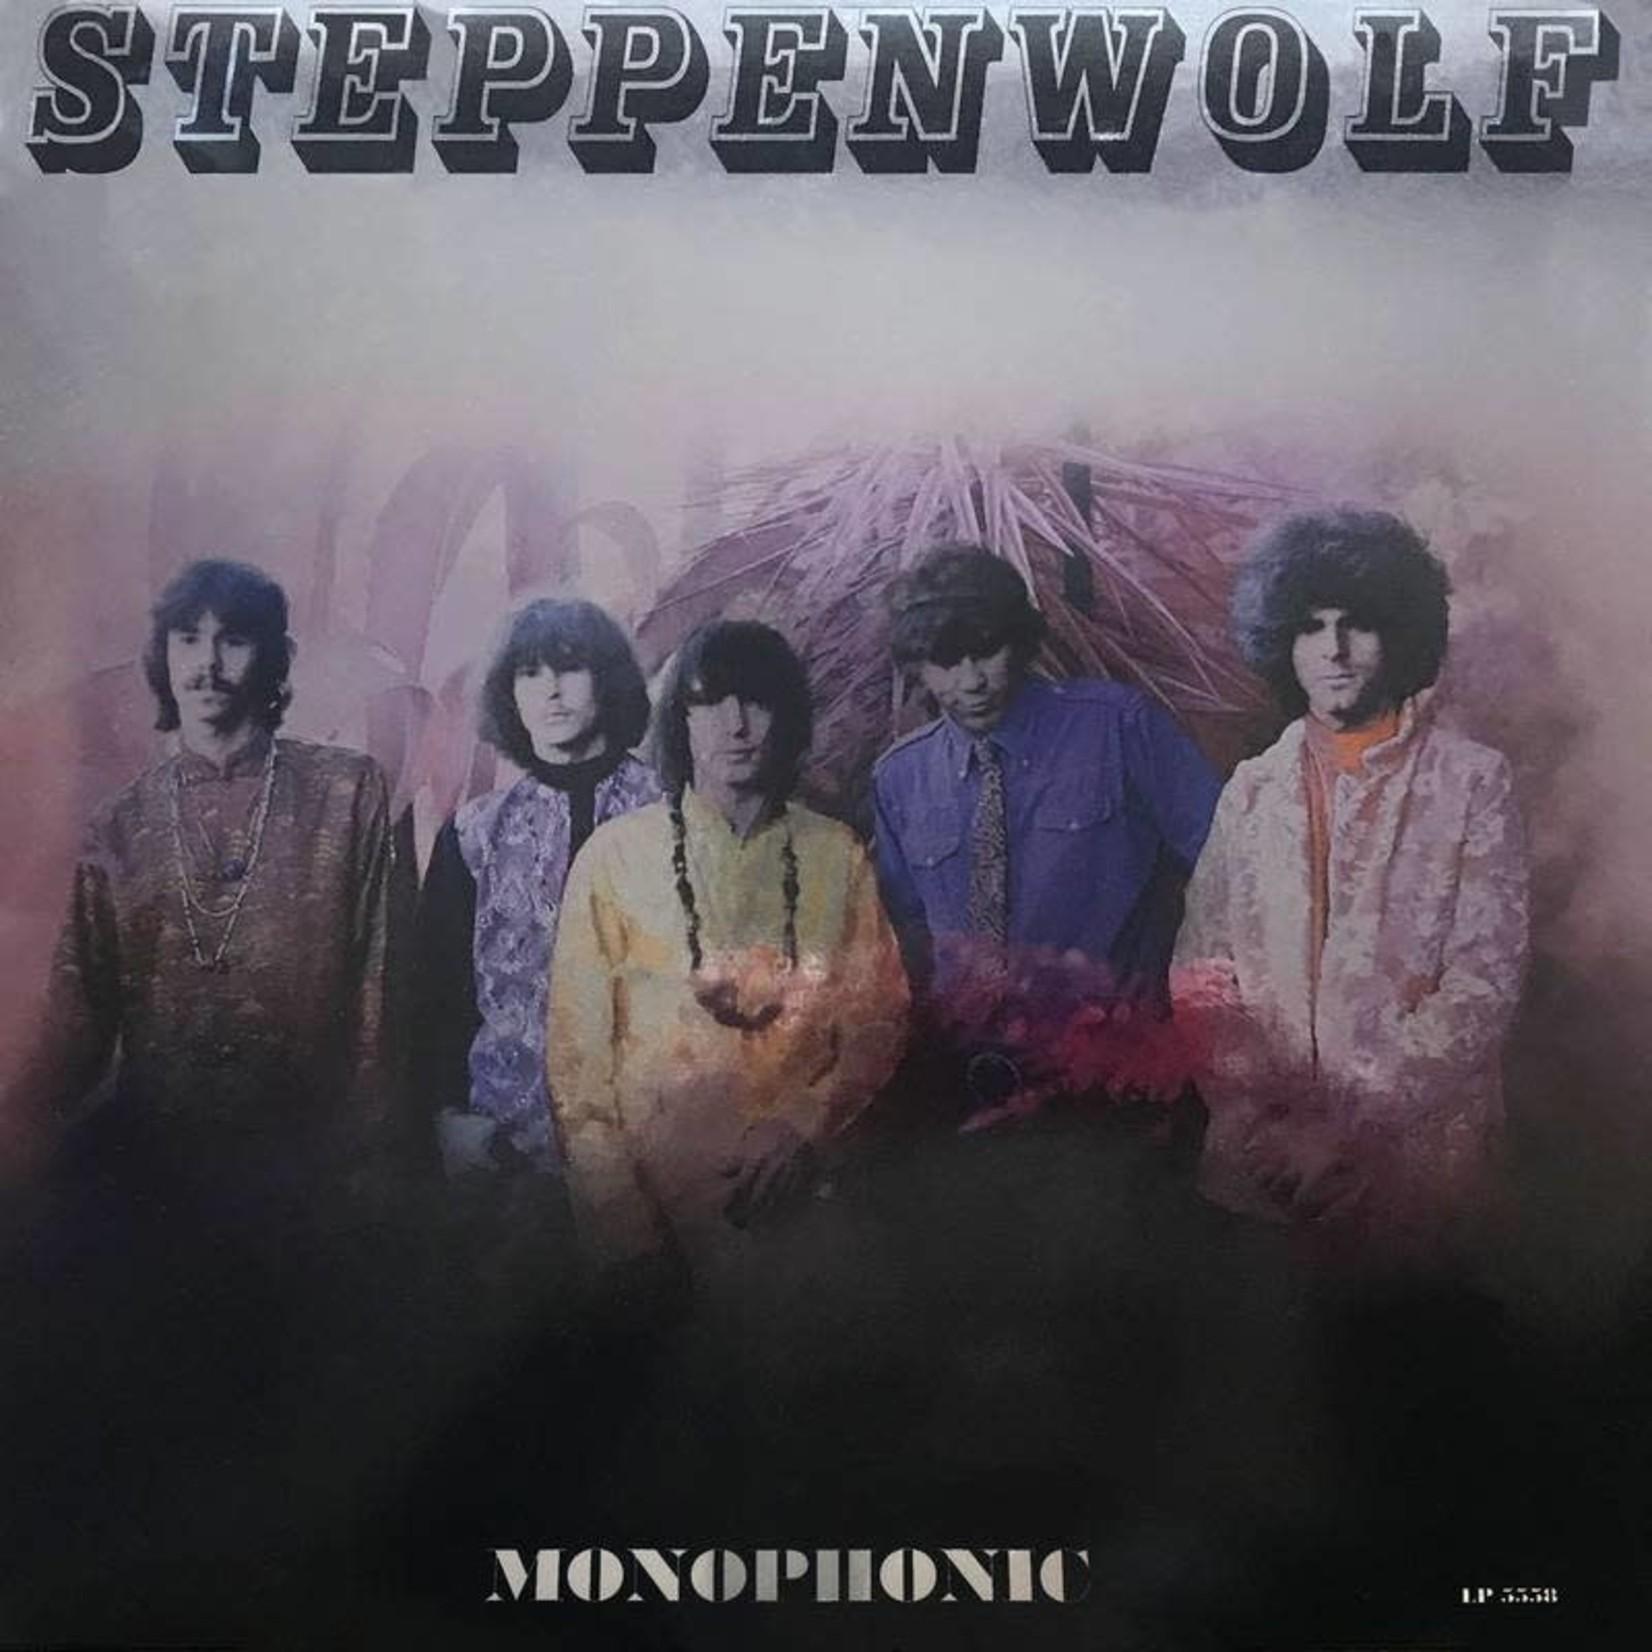 Vinyl Steppenwolf - S/T (mono) RSD